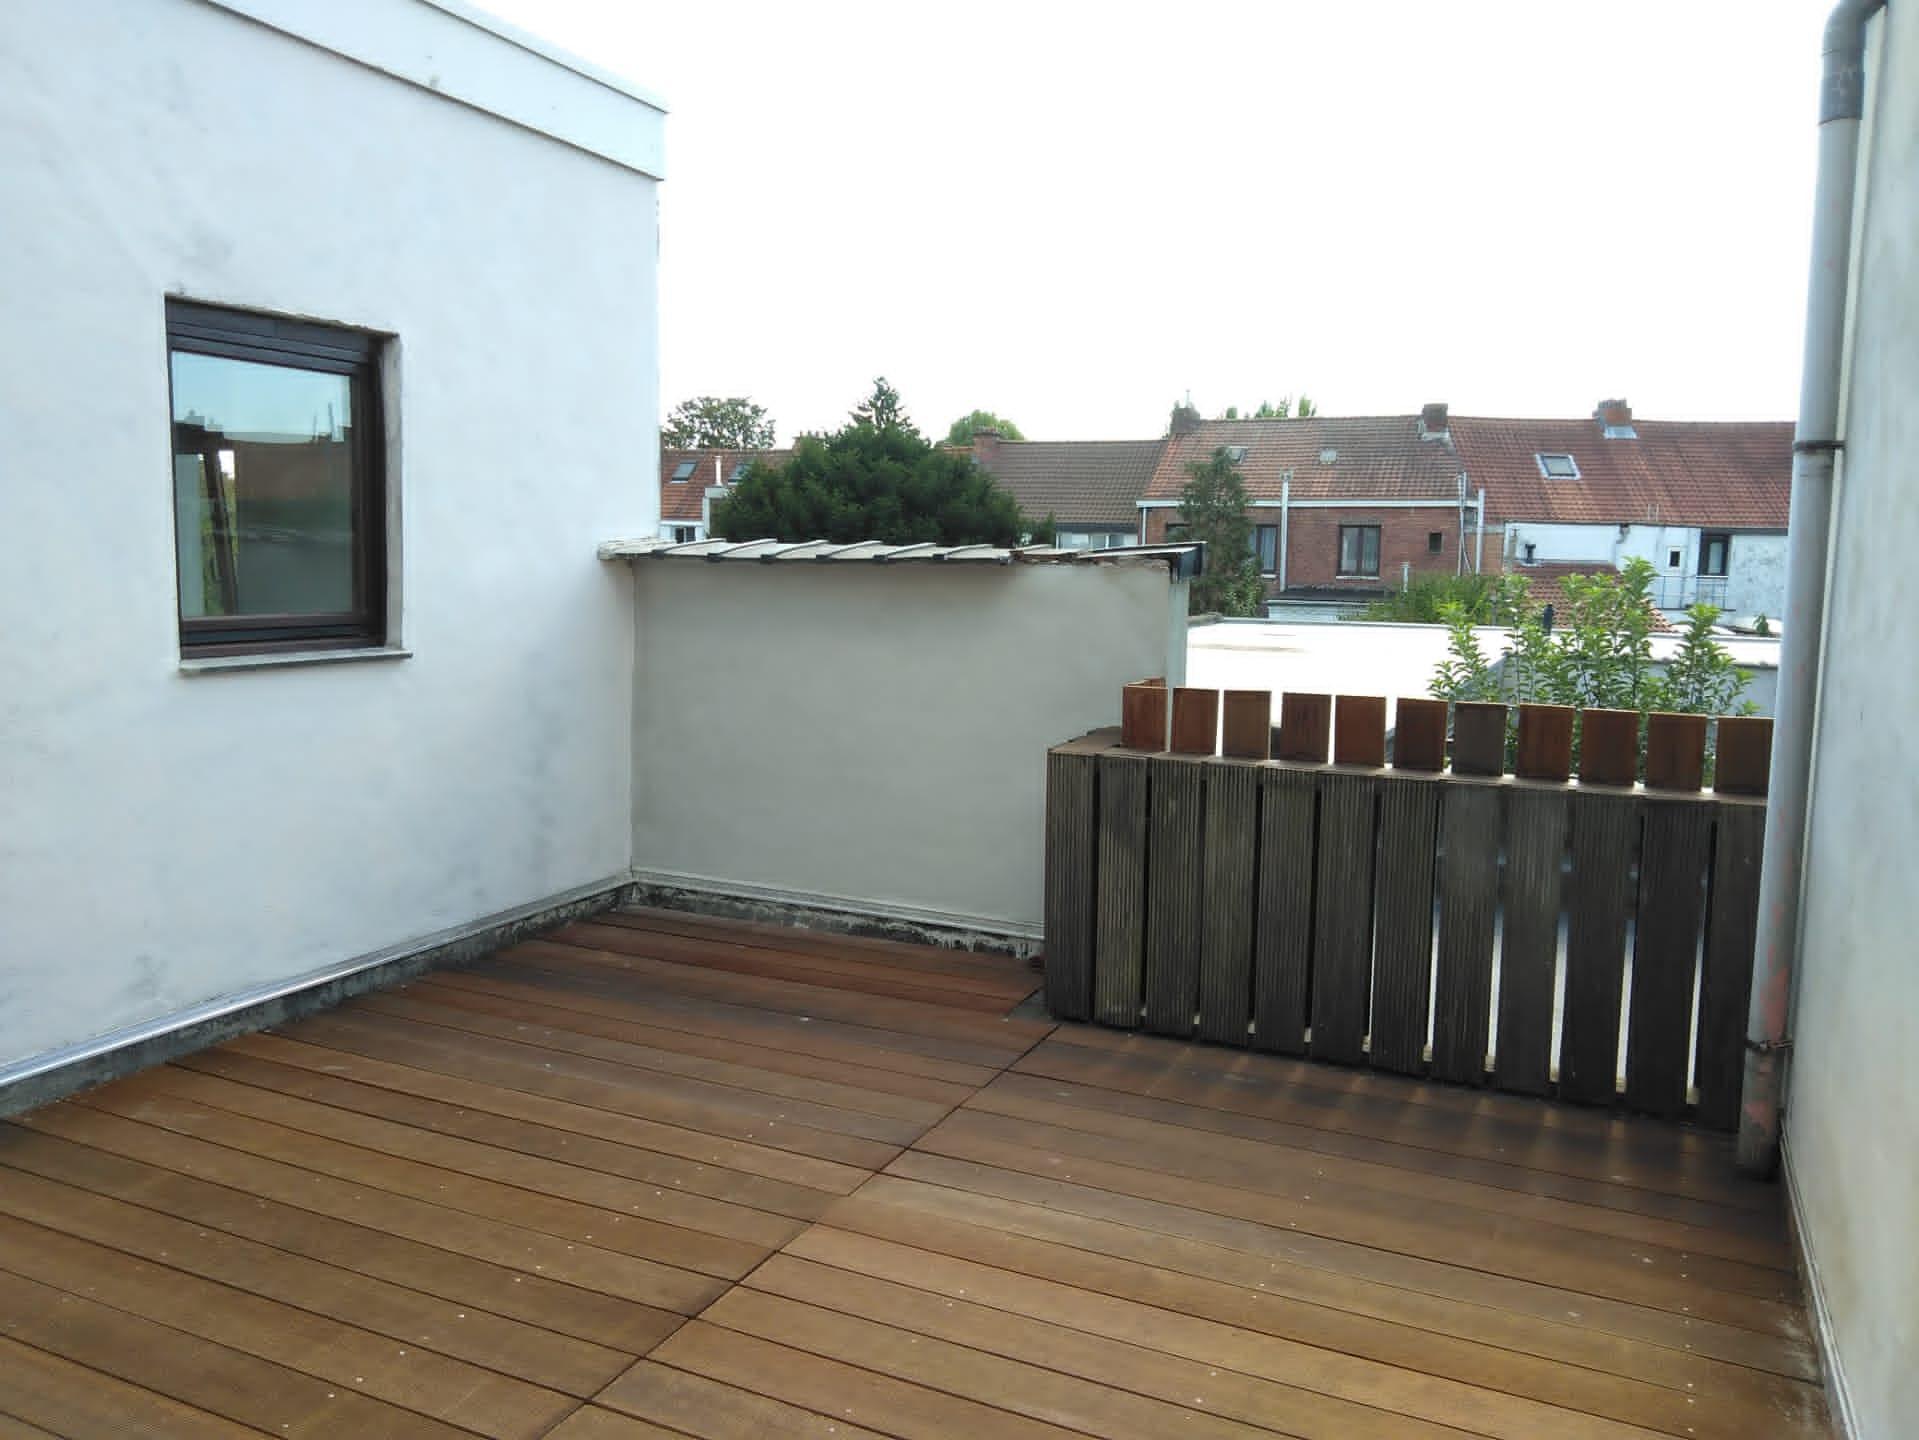 Bercken - Room for rent in Antwerp for expats